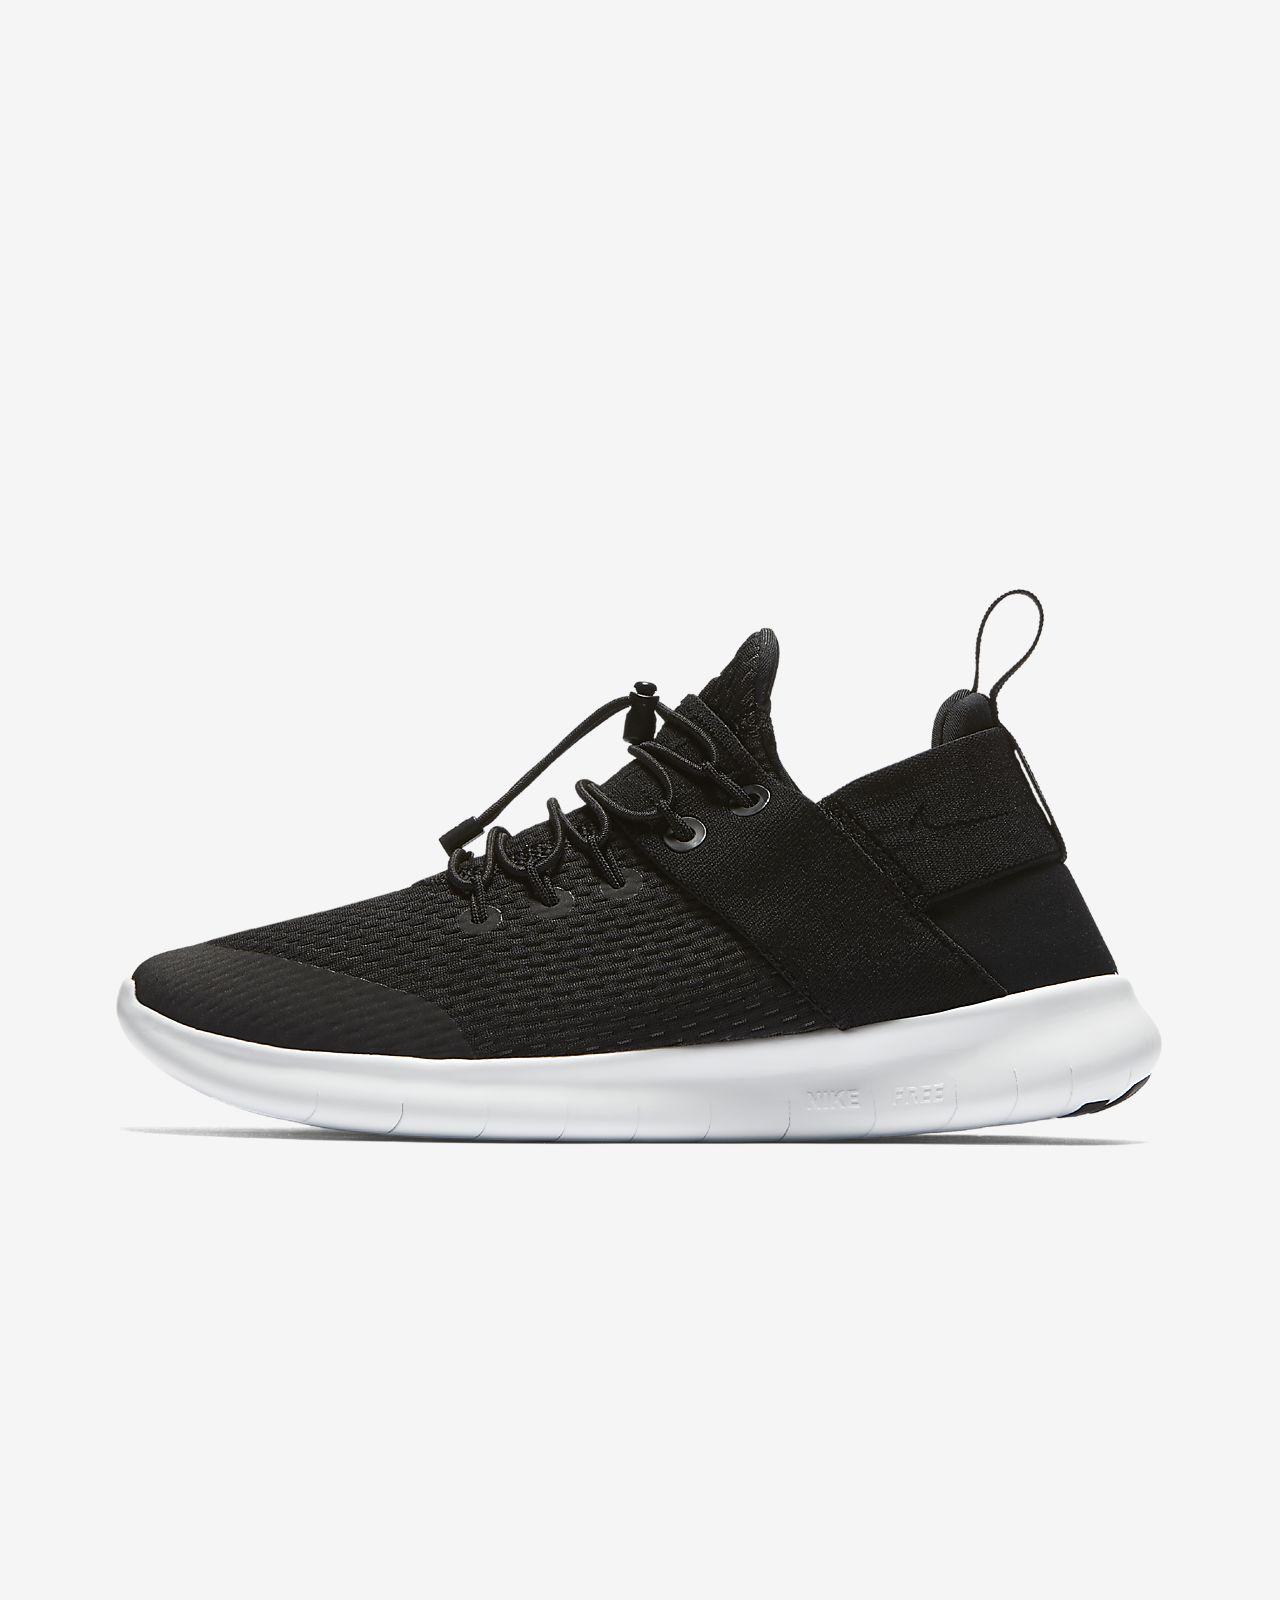 NIKE Free RN Donna Sneakers Scarpe da Corsa Scarpe Sportive 880842 003 Nero Nuovo